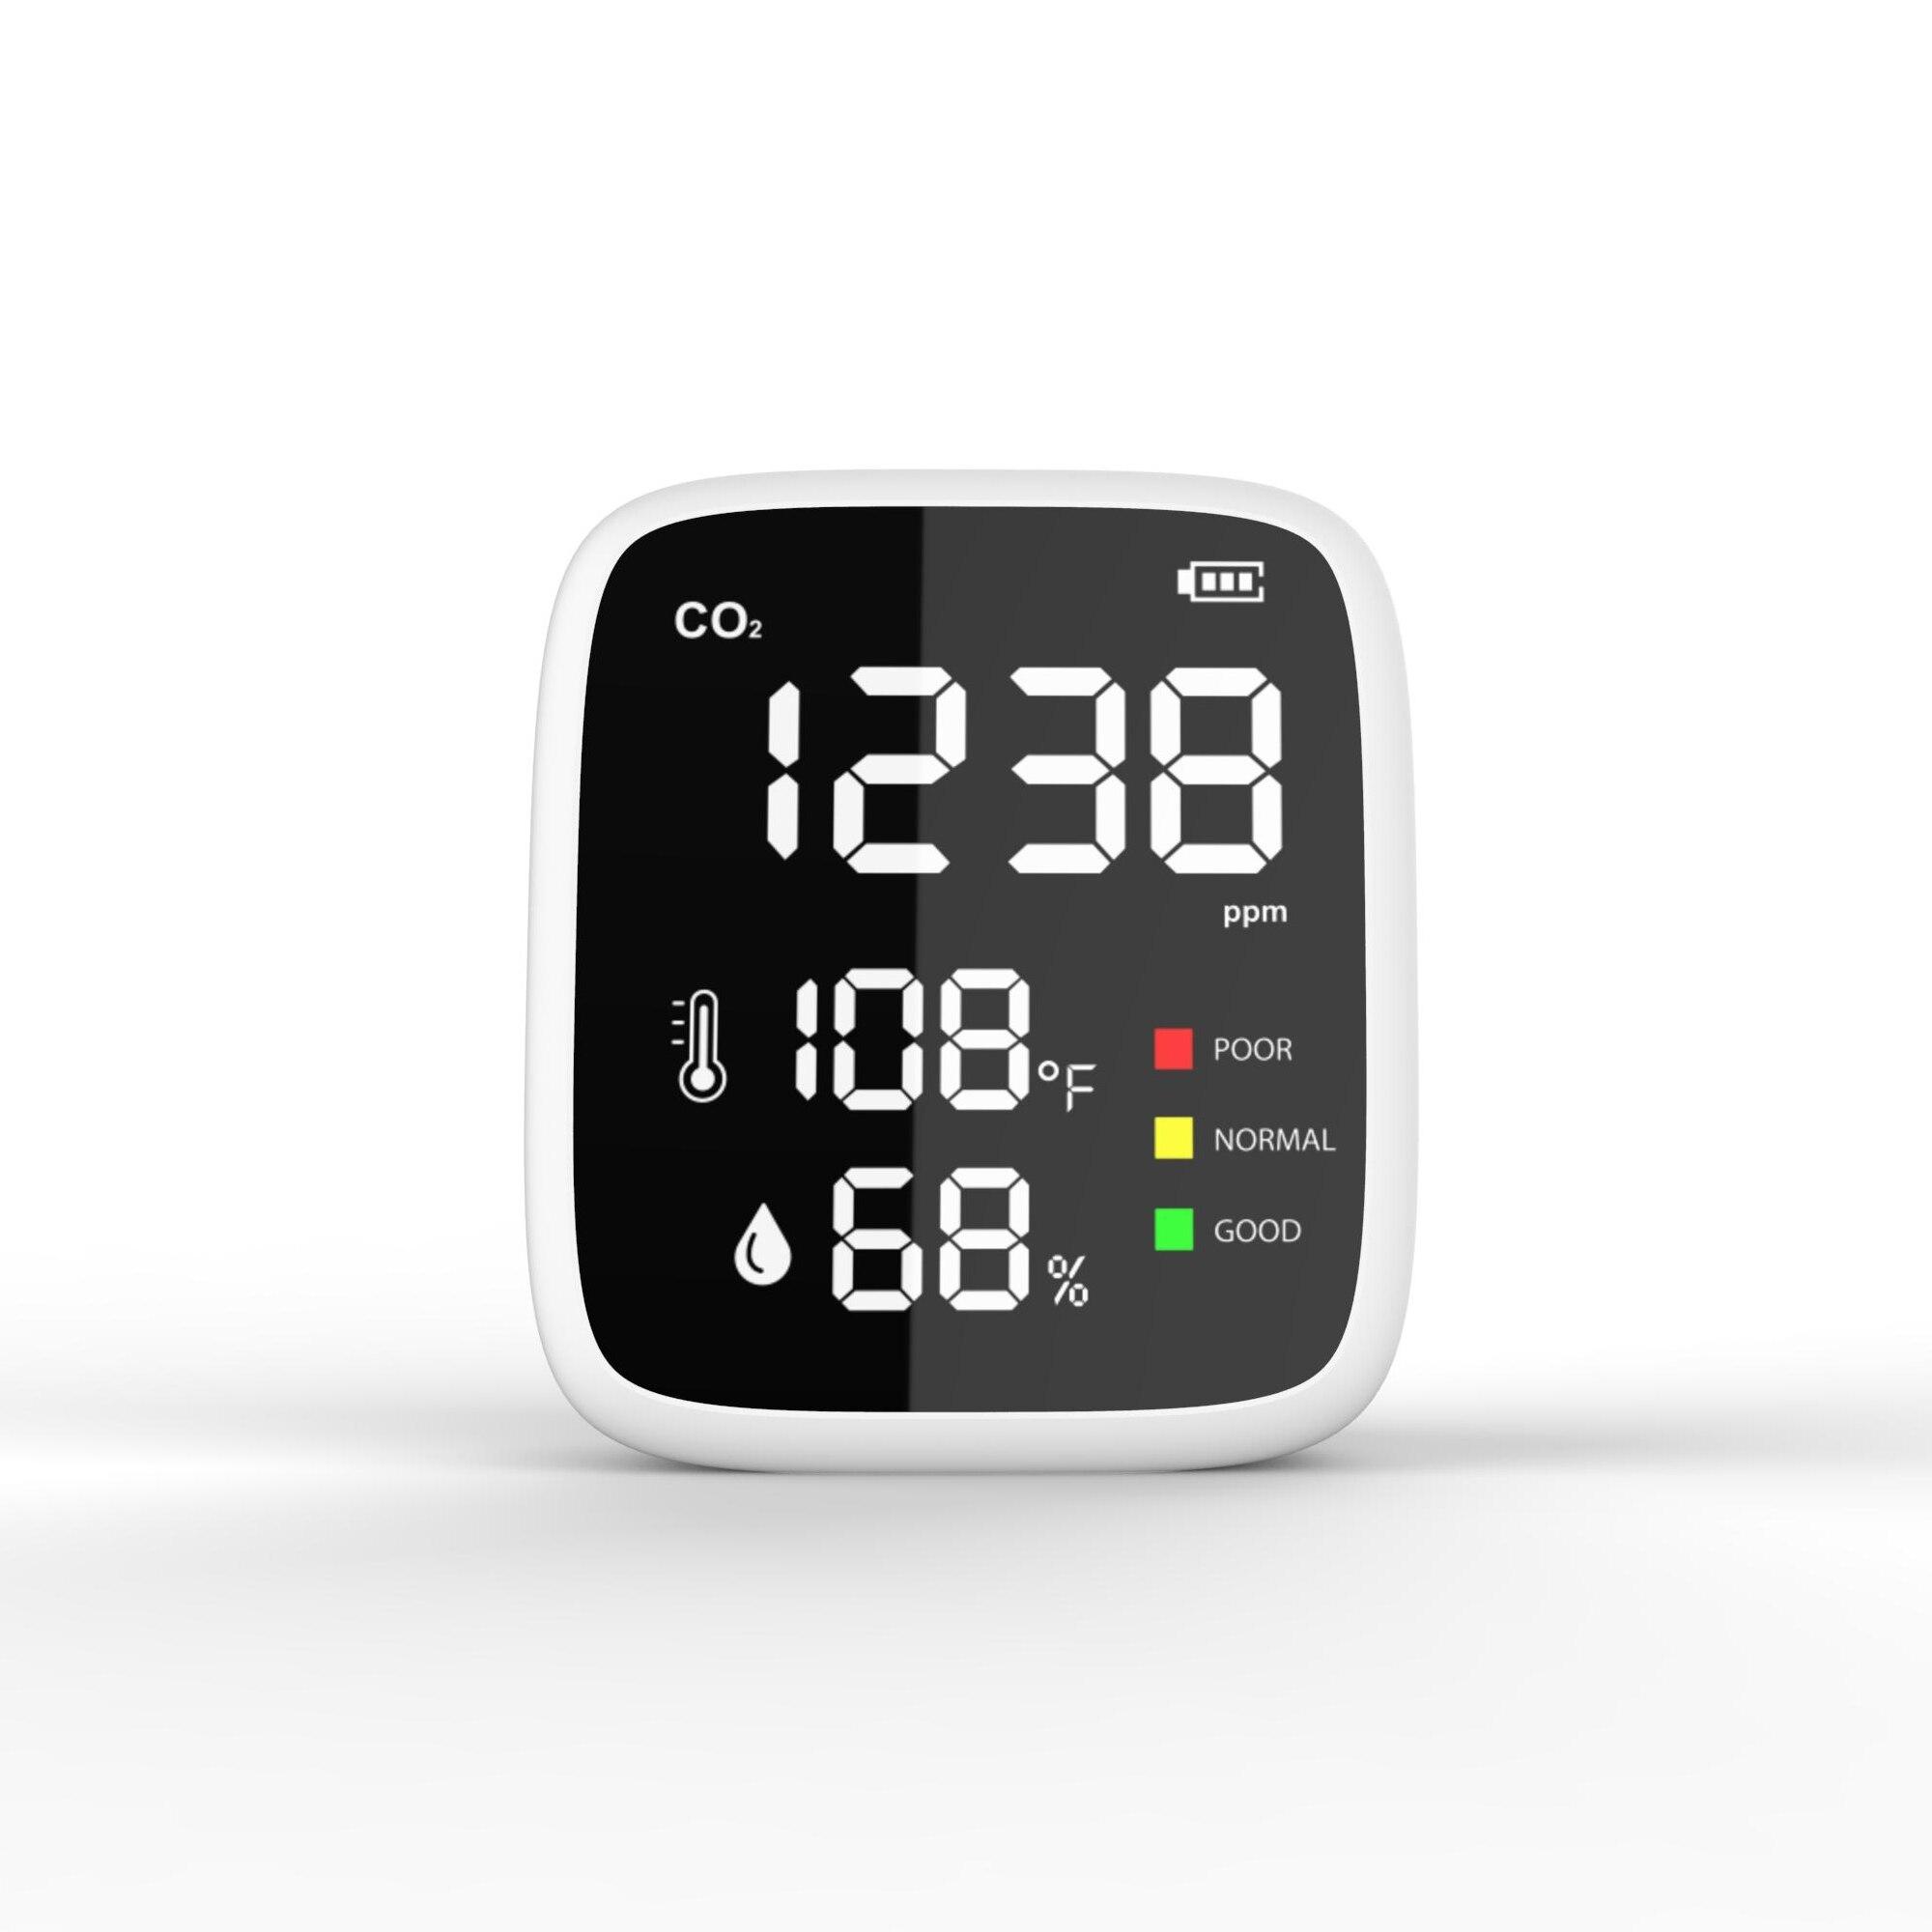 Портативный CO2 Температура влажности качество воздуха монитор инфракрасный NDIR детектор для дома и улицы средства обнаружения